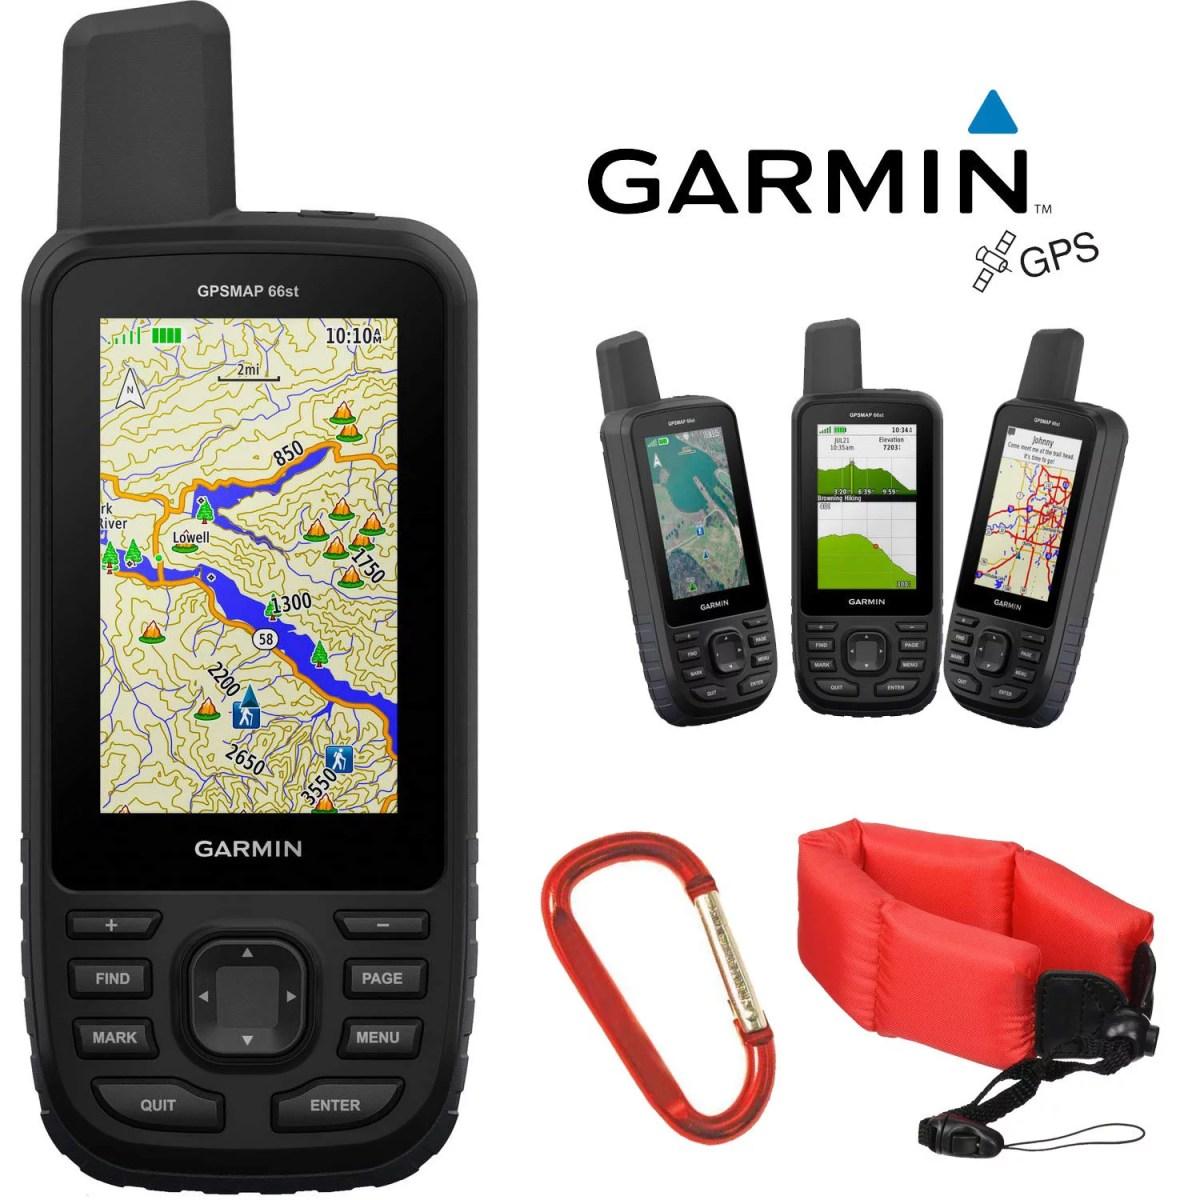 Garmin GPSMAP 66st Multi-Satellite Handheld Navigator